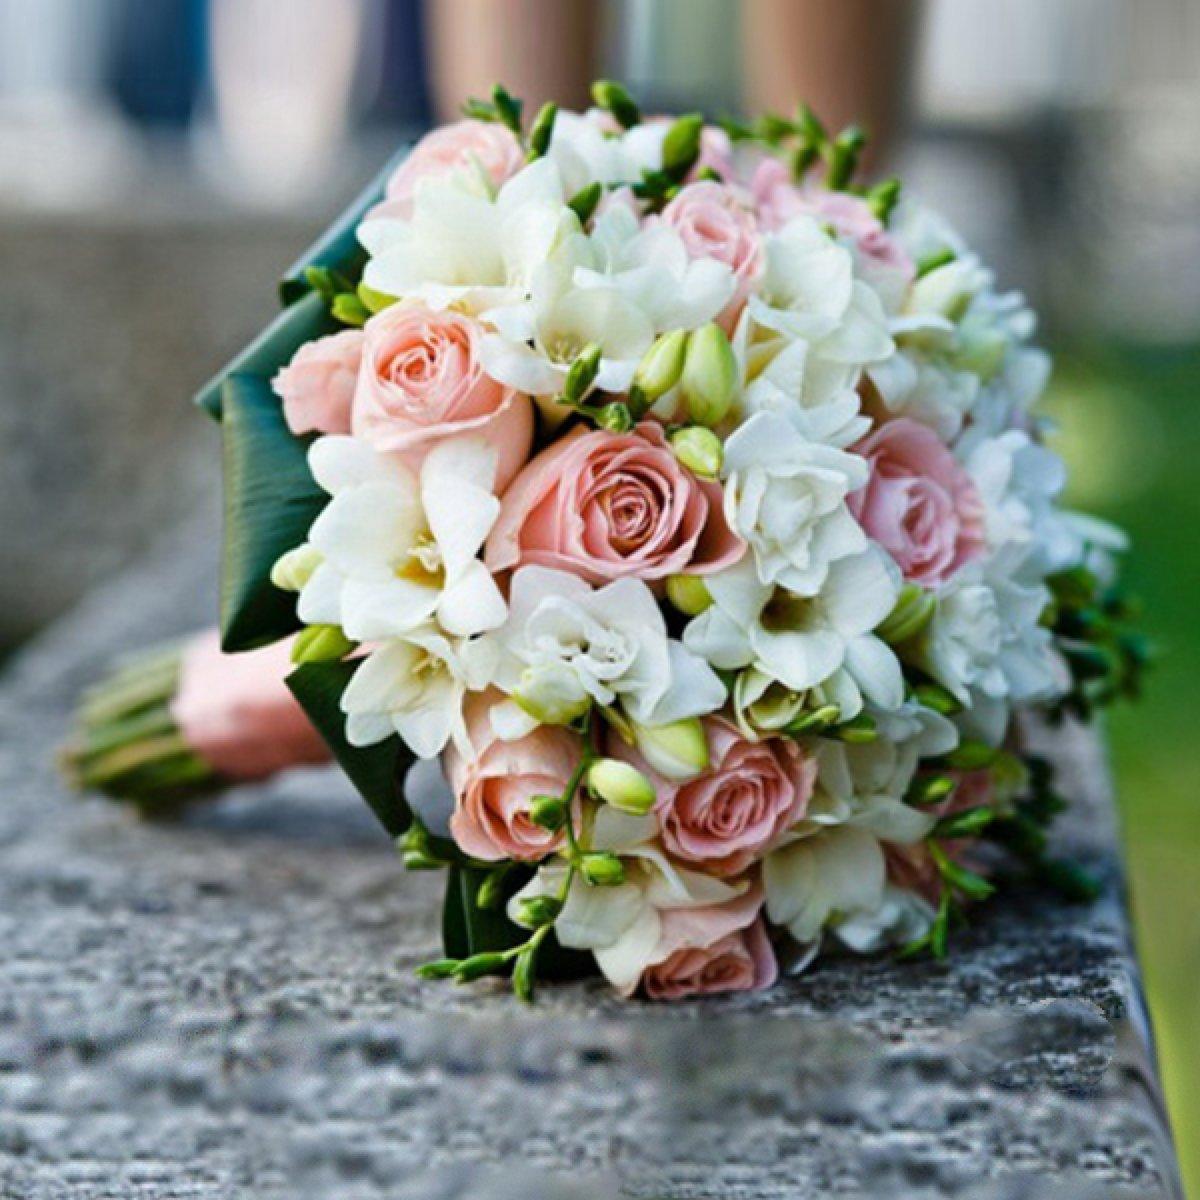 Свадебный букет карликовых роз, можно купить недорогие